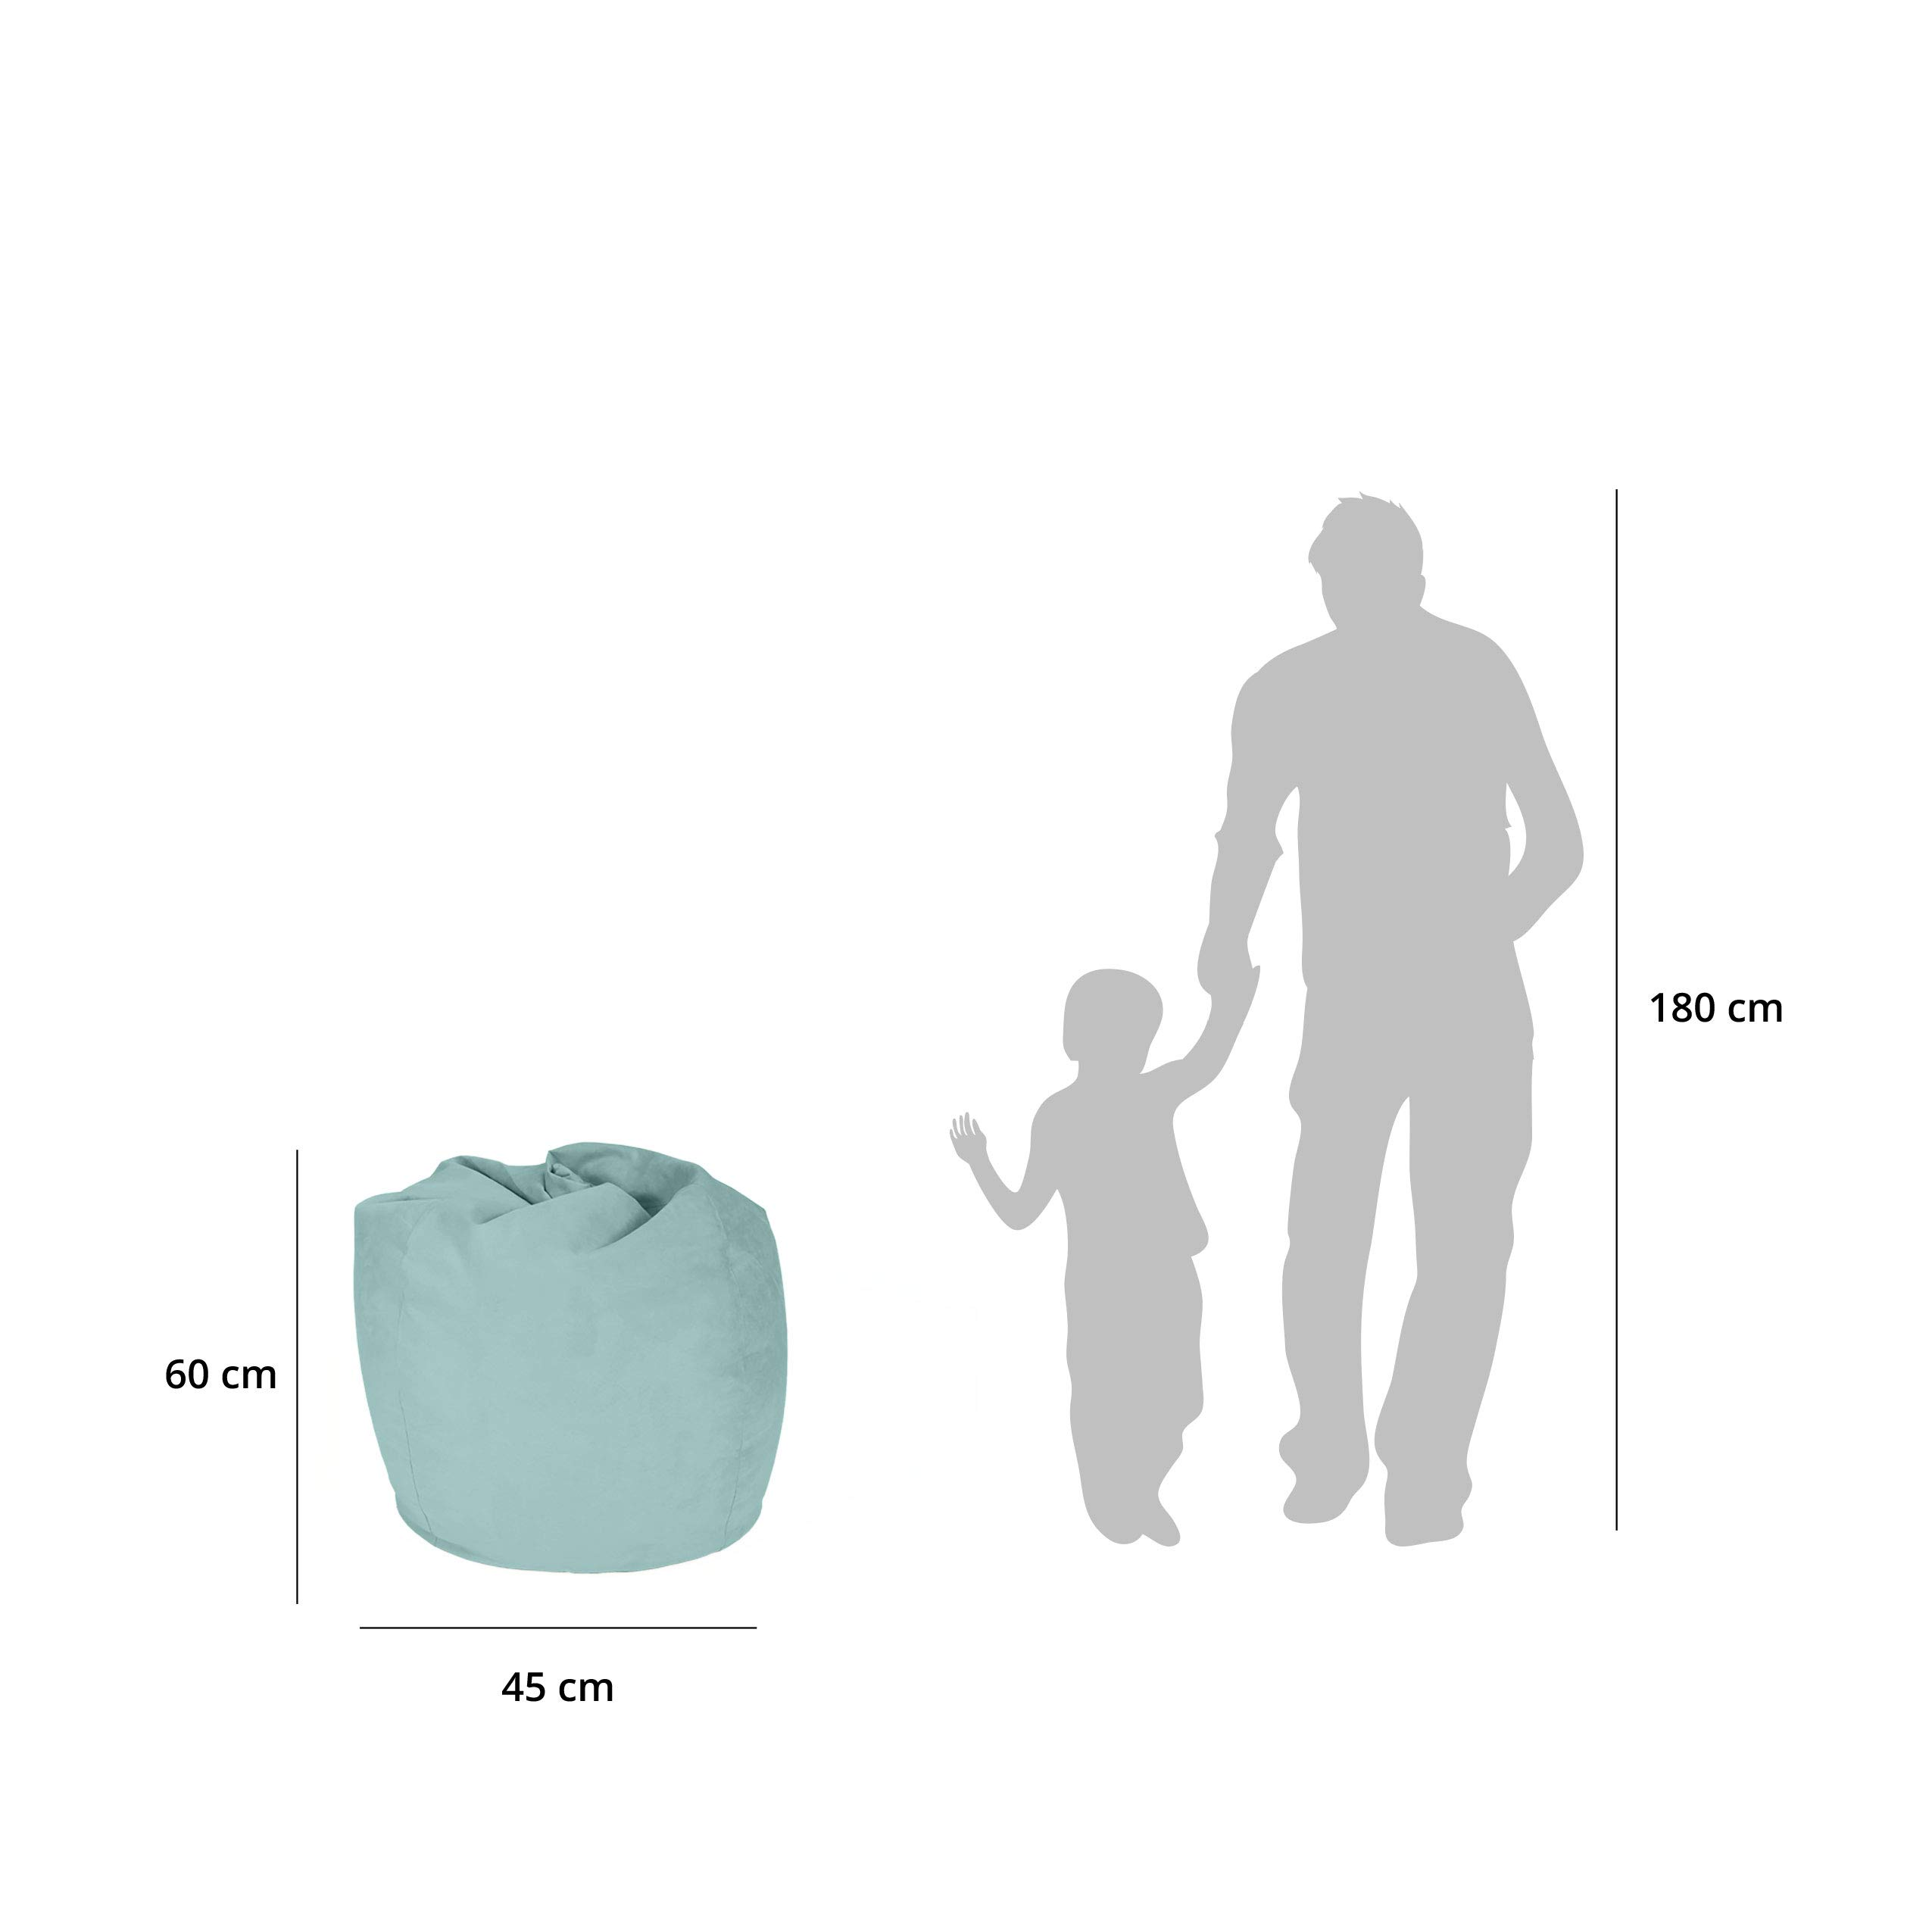 XZANTE 1 Pieza de Gancho y Colgador de Asiento de Autom/óVil Pr/áCtico y Creativo Perchero para el Reposacabezas Asiento de Coche Respaldo Trajes Trajes Soporte Percha